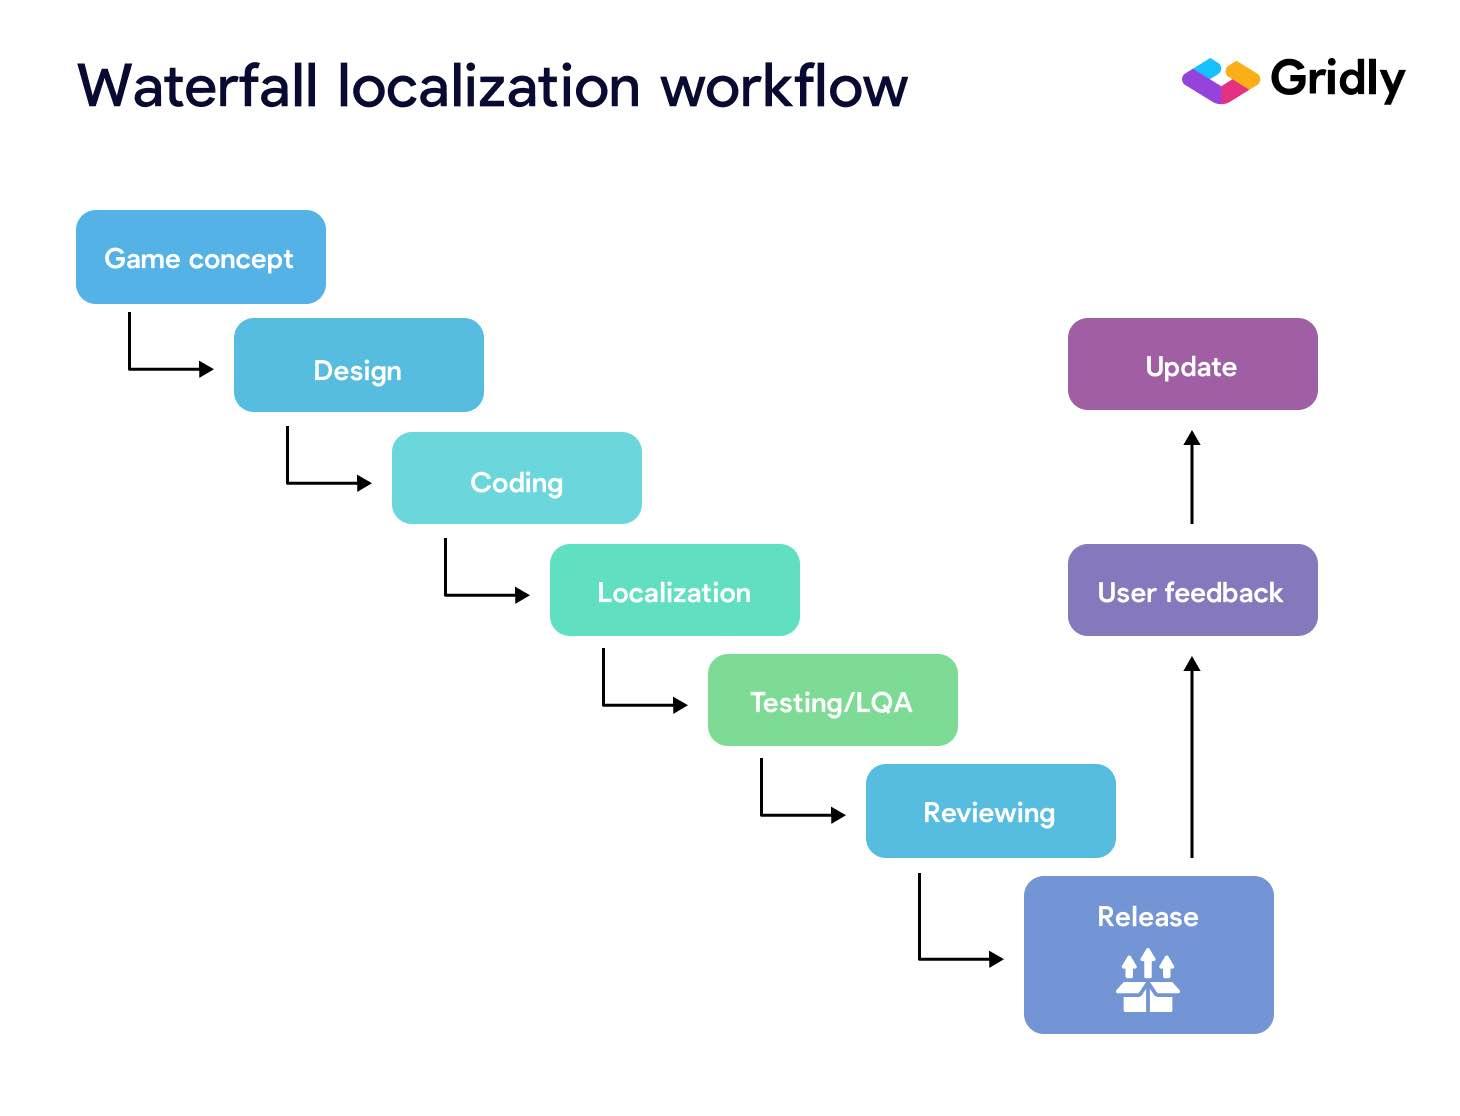 Waterfall localization process explanation